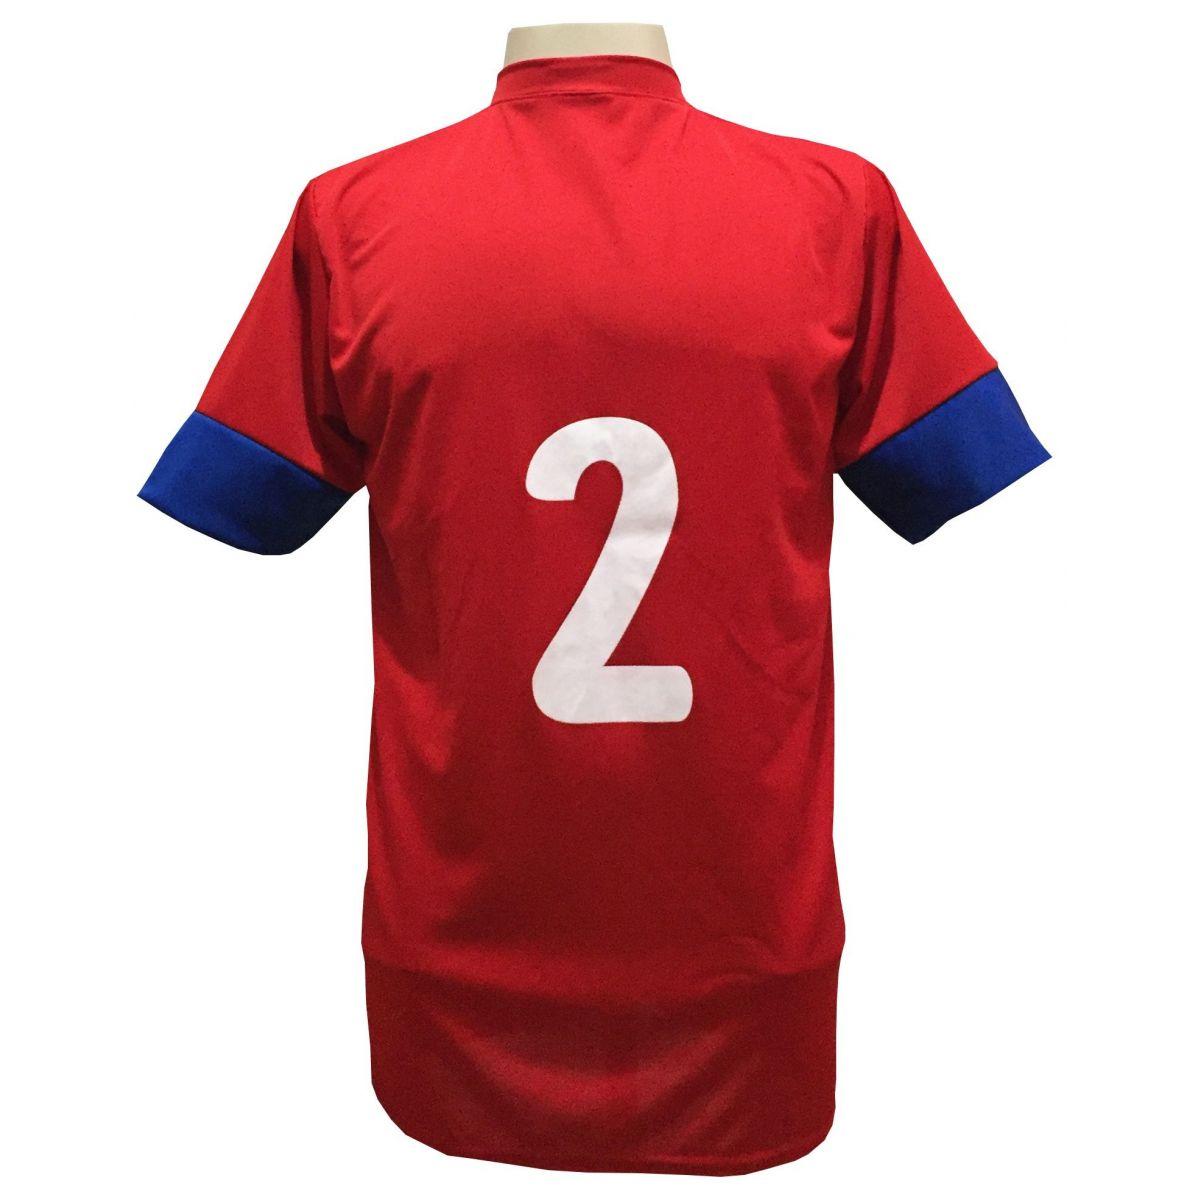 Fardamento Completo modelo Columbus 18+2 (18 Camisas Vermelho/Royal + 18 Calções Madrid Vermelho + 18 Pares de Meiões Royal + 2 Conjuntos de Goleiro) + Brindes